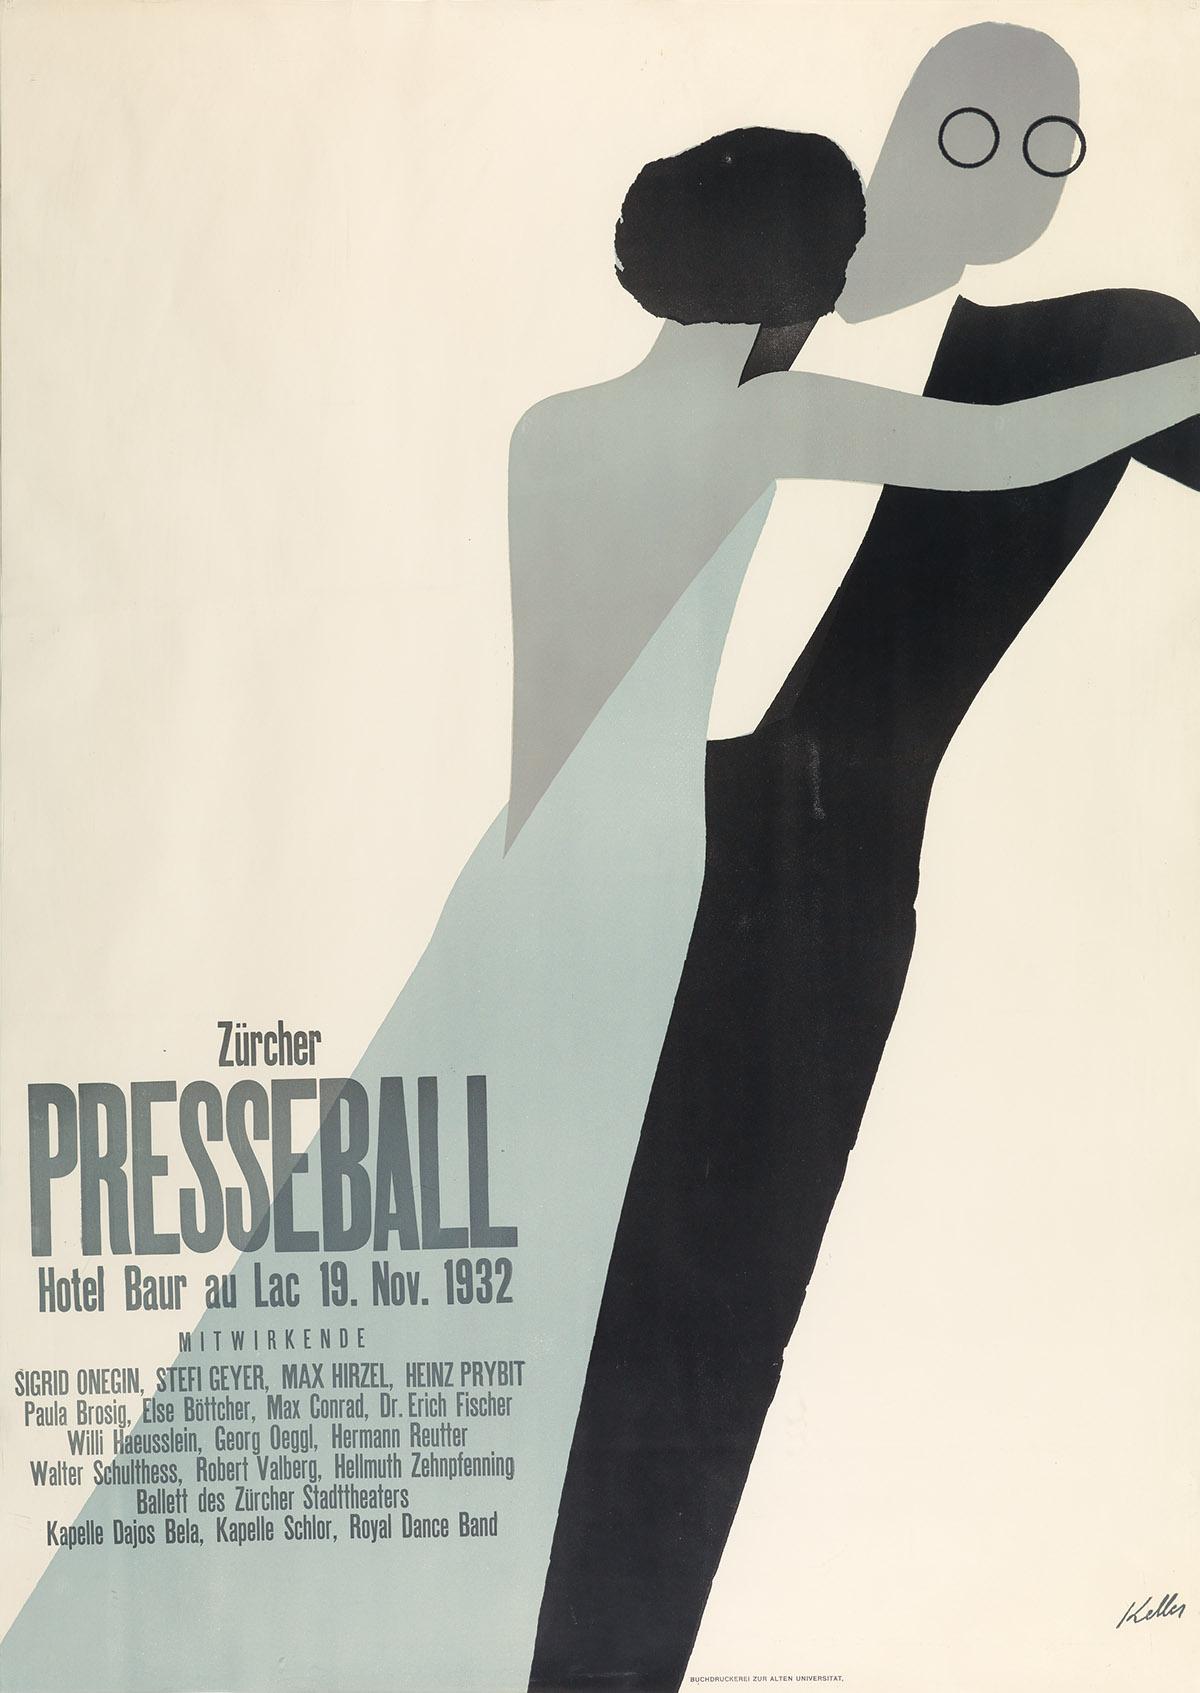 ERNST-KELLER-(1891-1968)-ZÜRICHER-PRESSEBALL-1932-50x36-inch